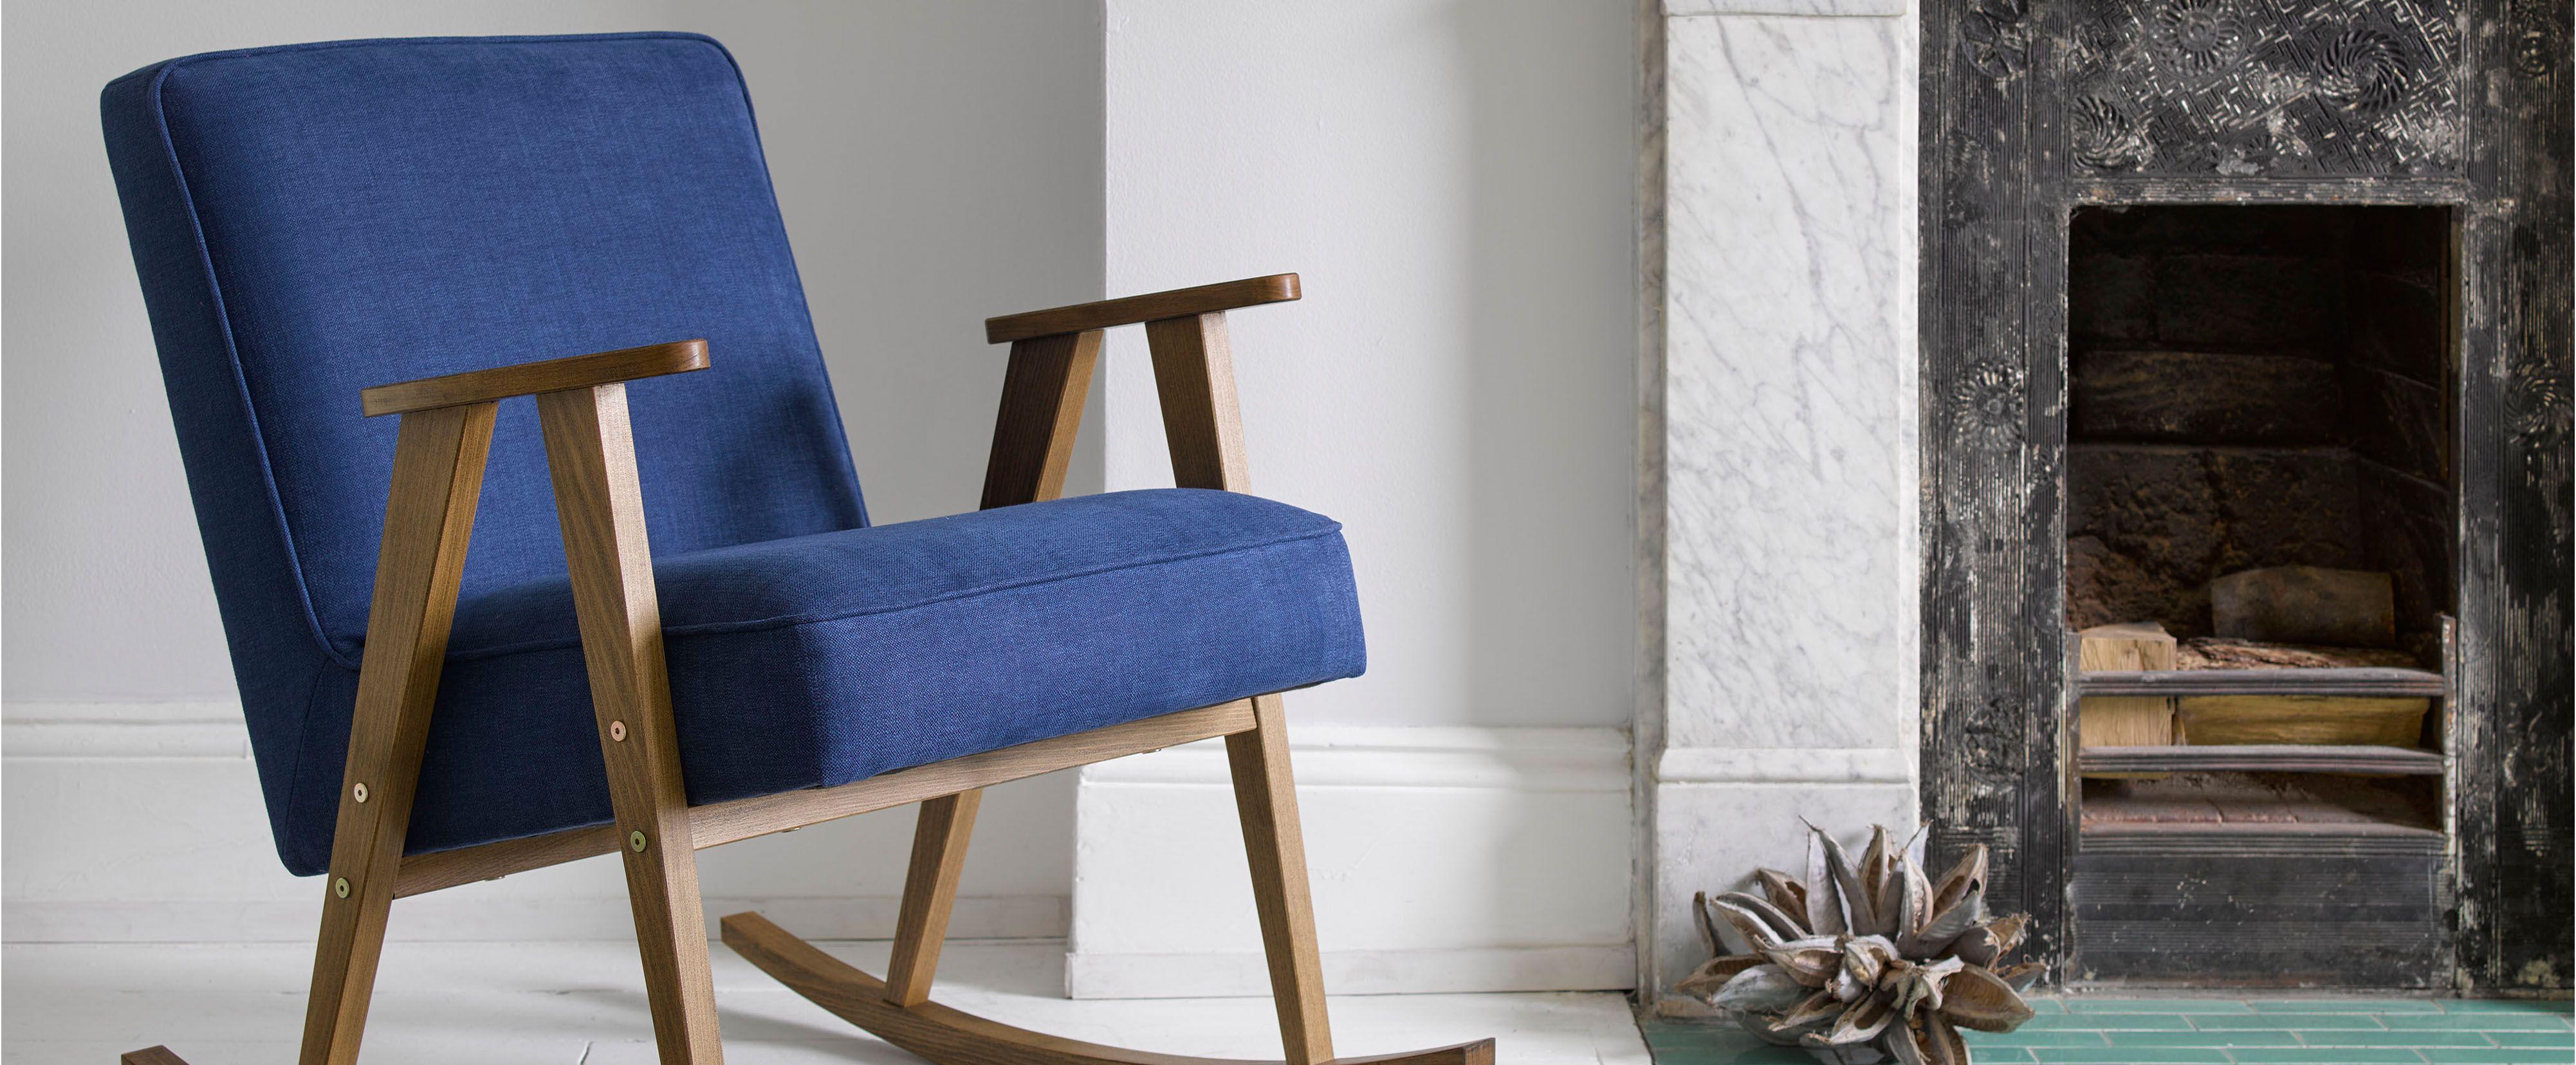 mid-century-armchairs.jpg